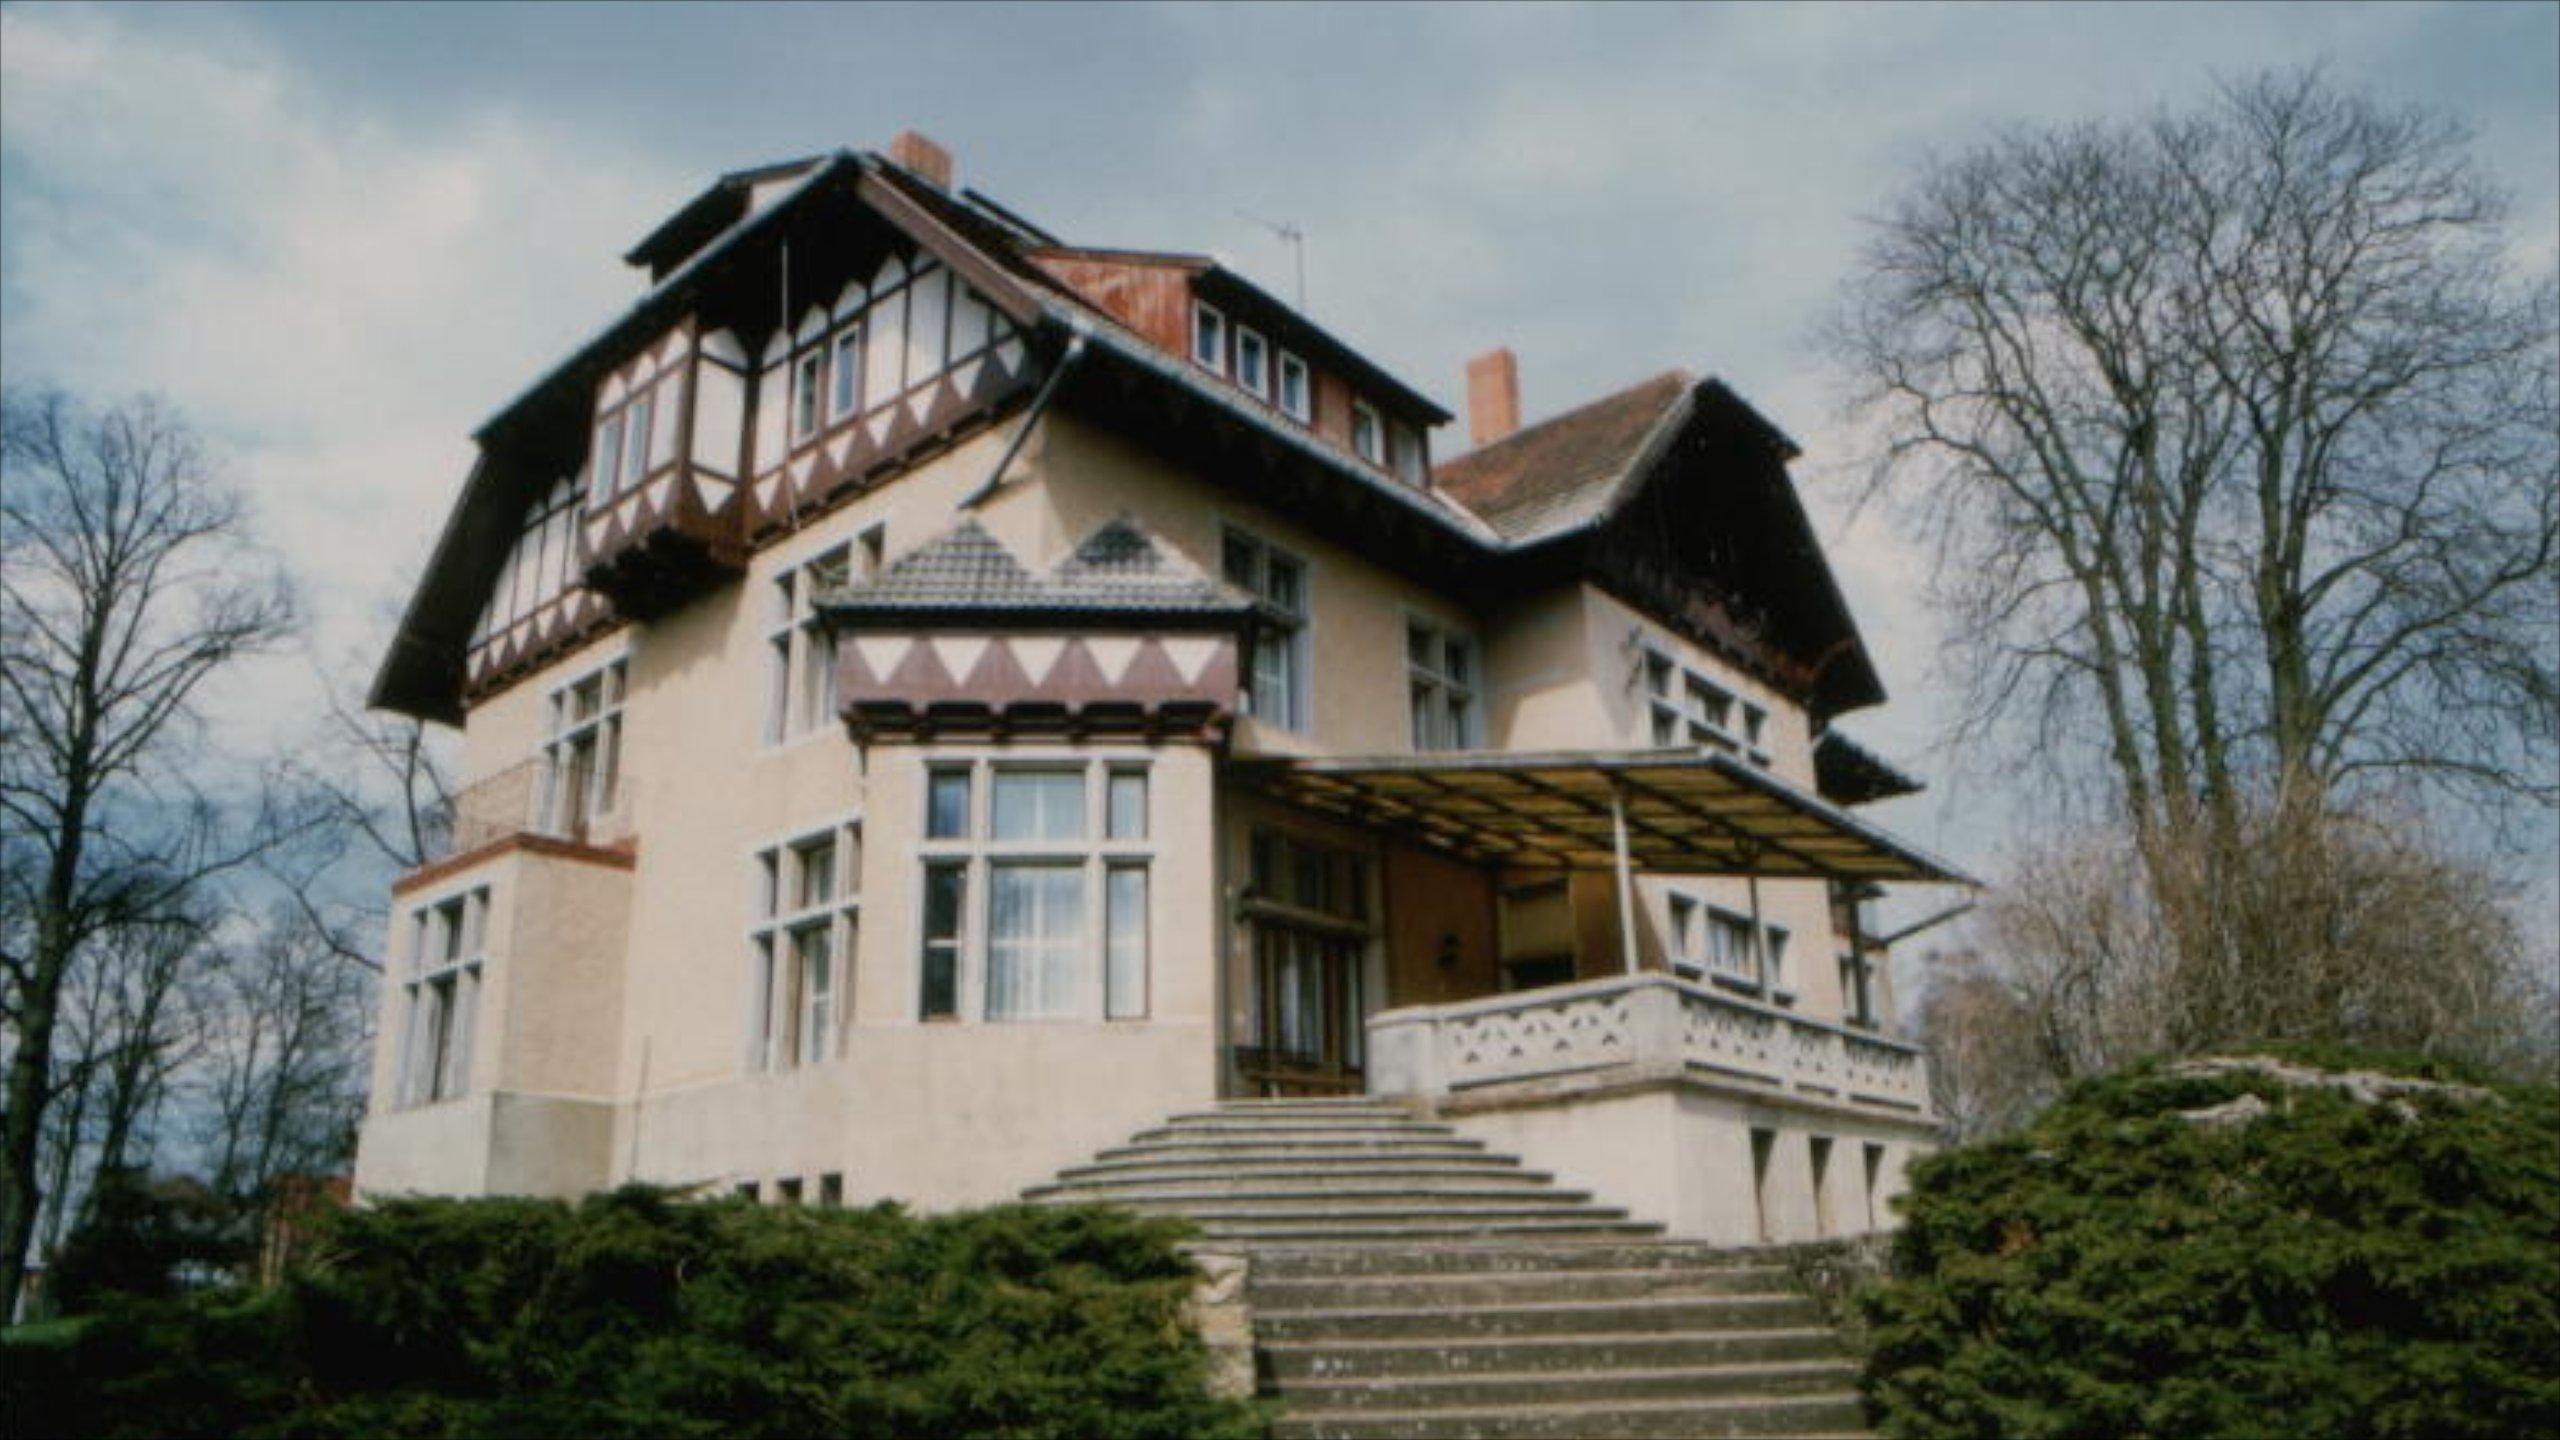 Powiat Rostock, Meklemburgia — Pomorze Przednie, Niemcy